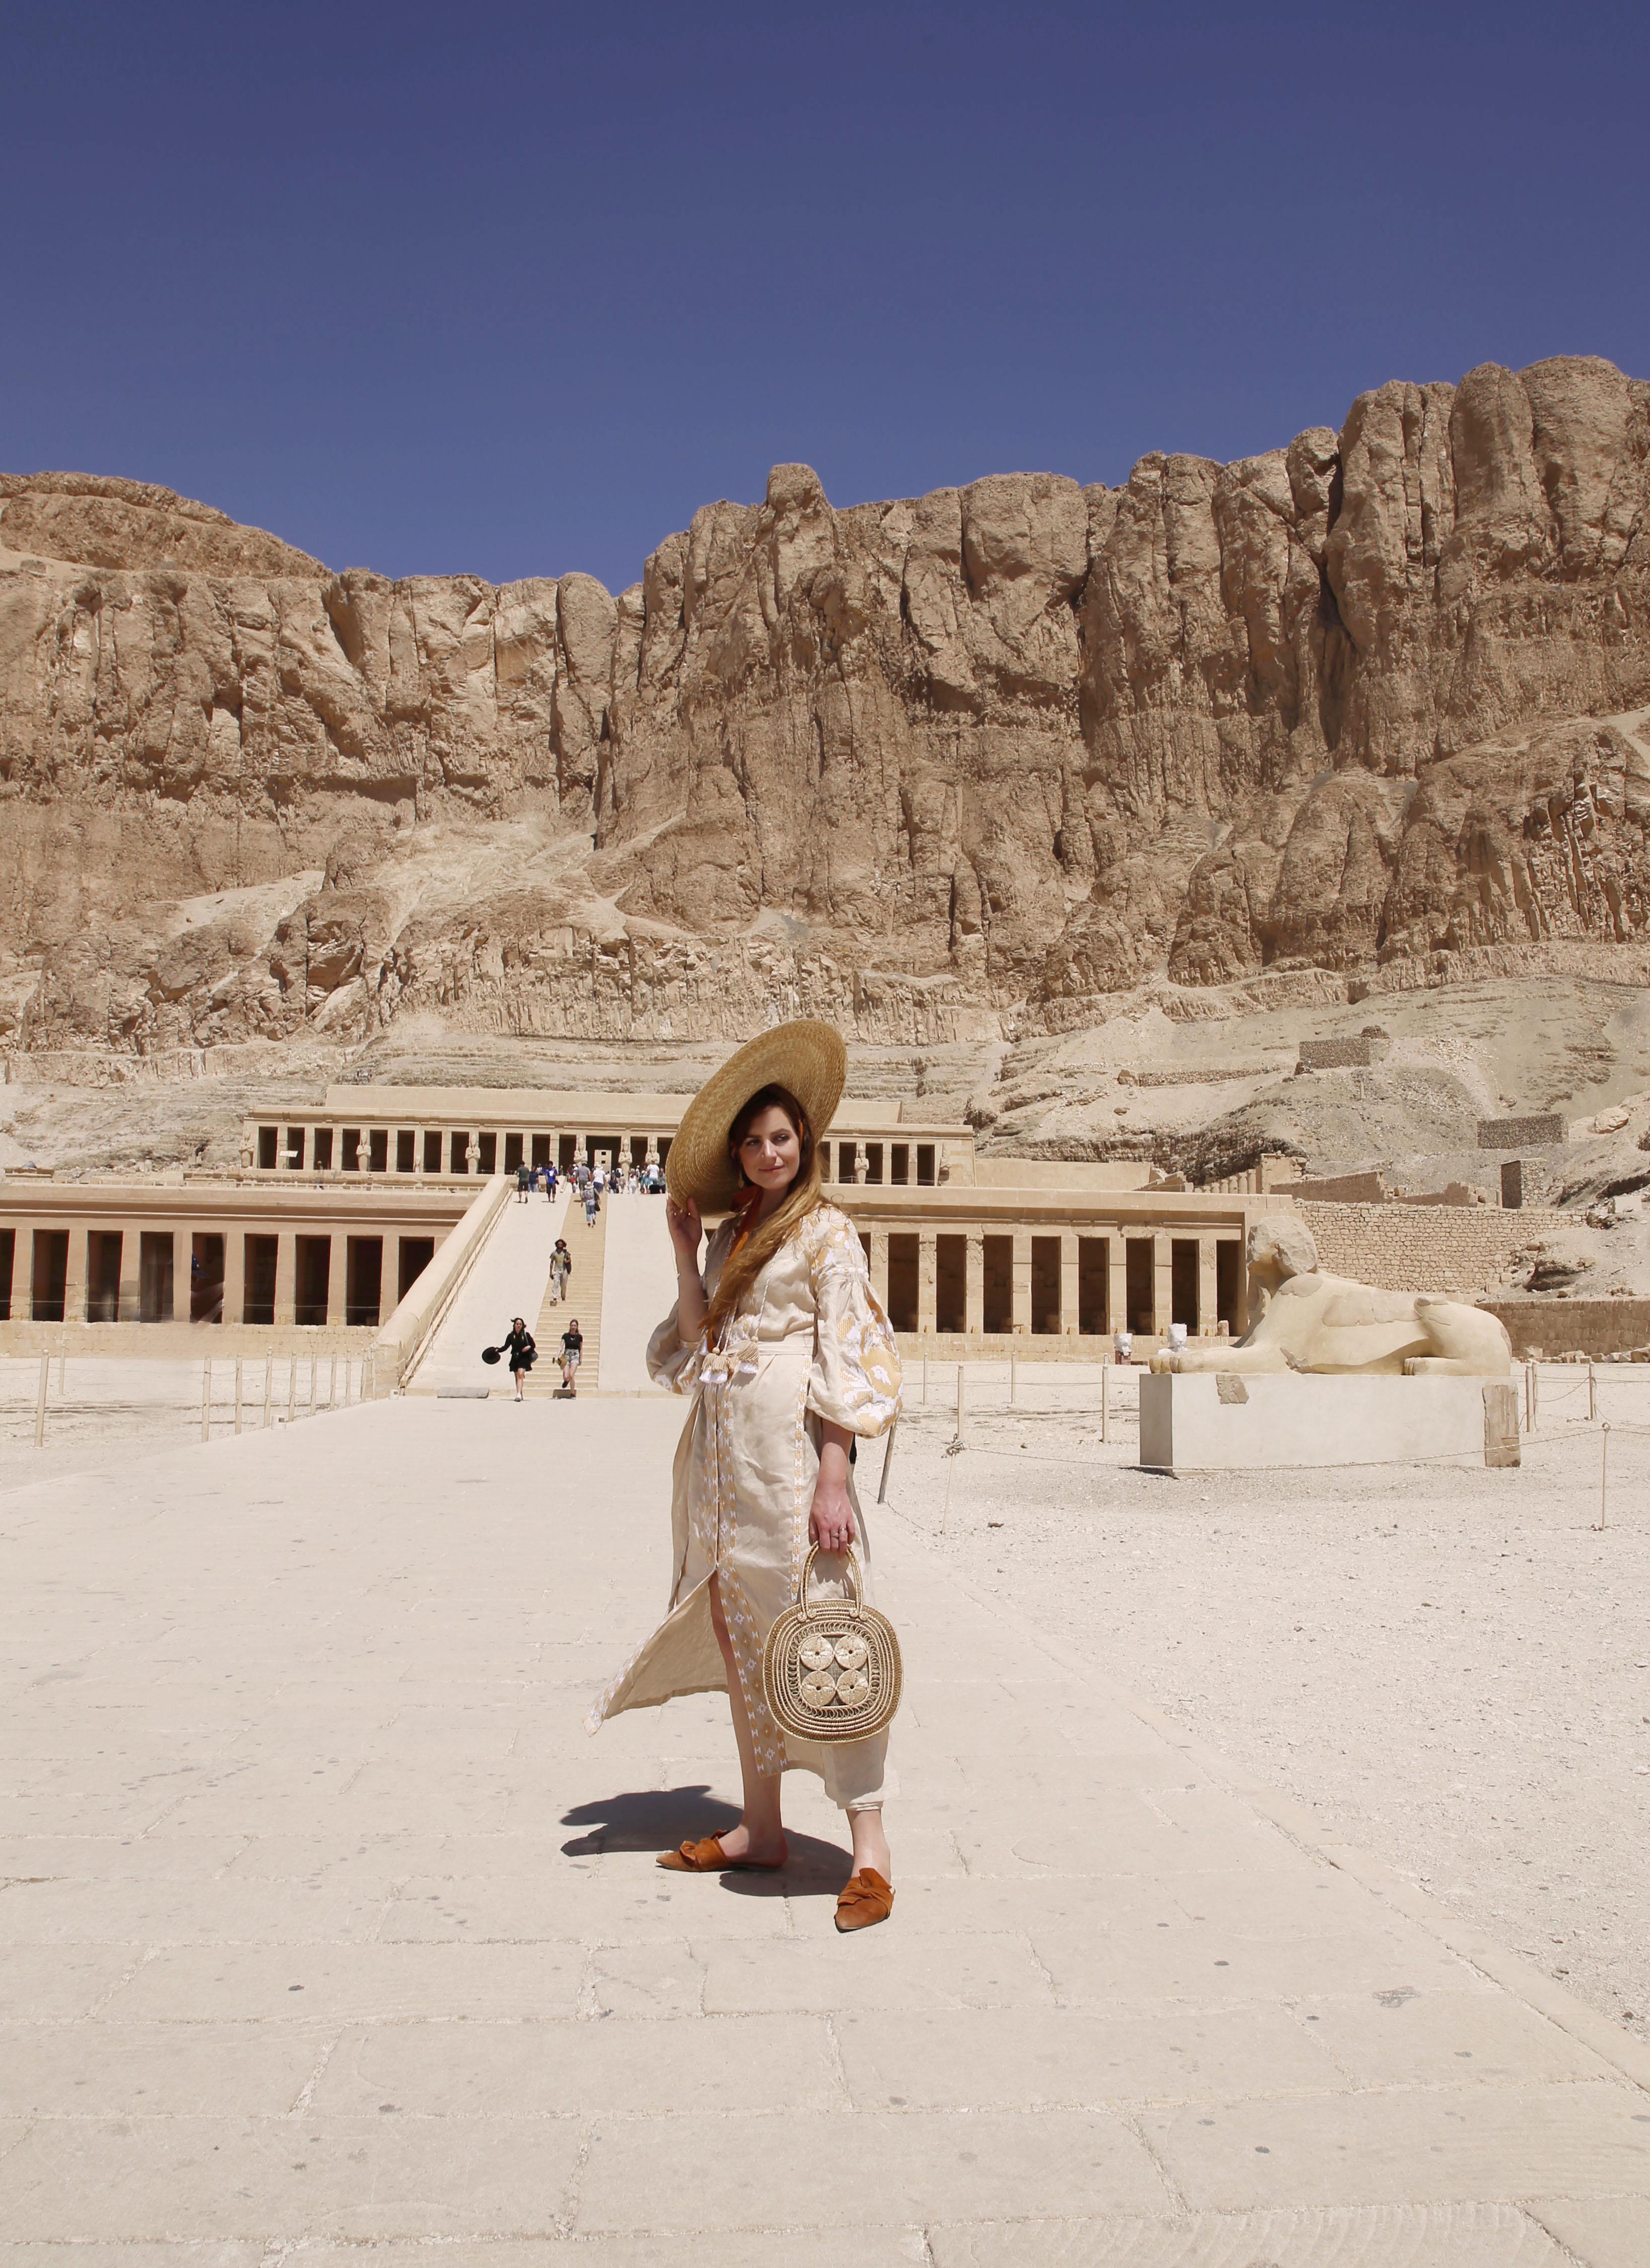 mia und ich blog Hatschepsut Tempel Ägypten Egypt